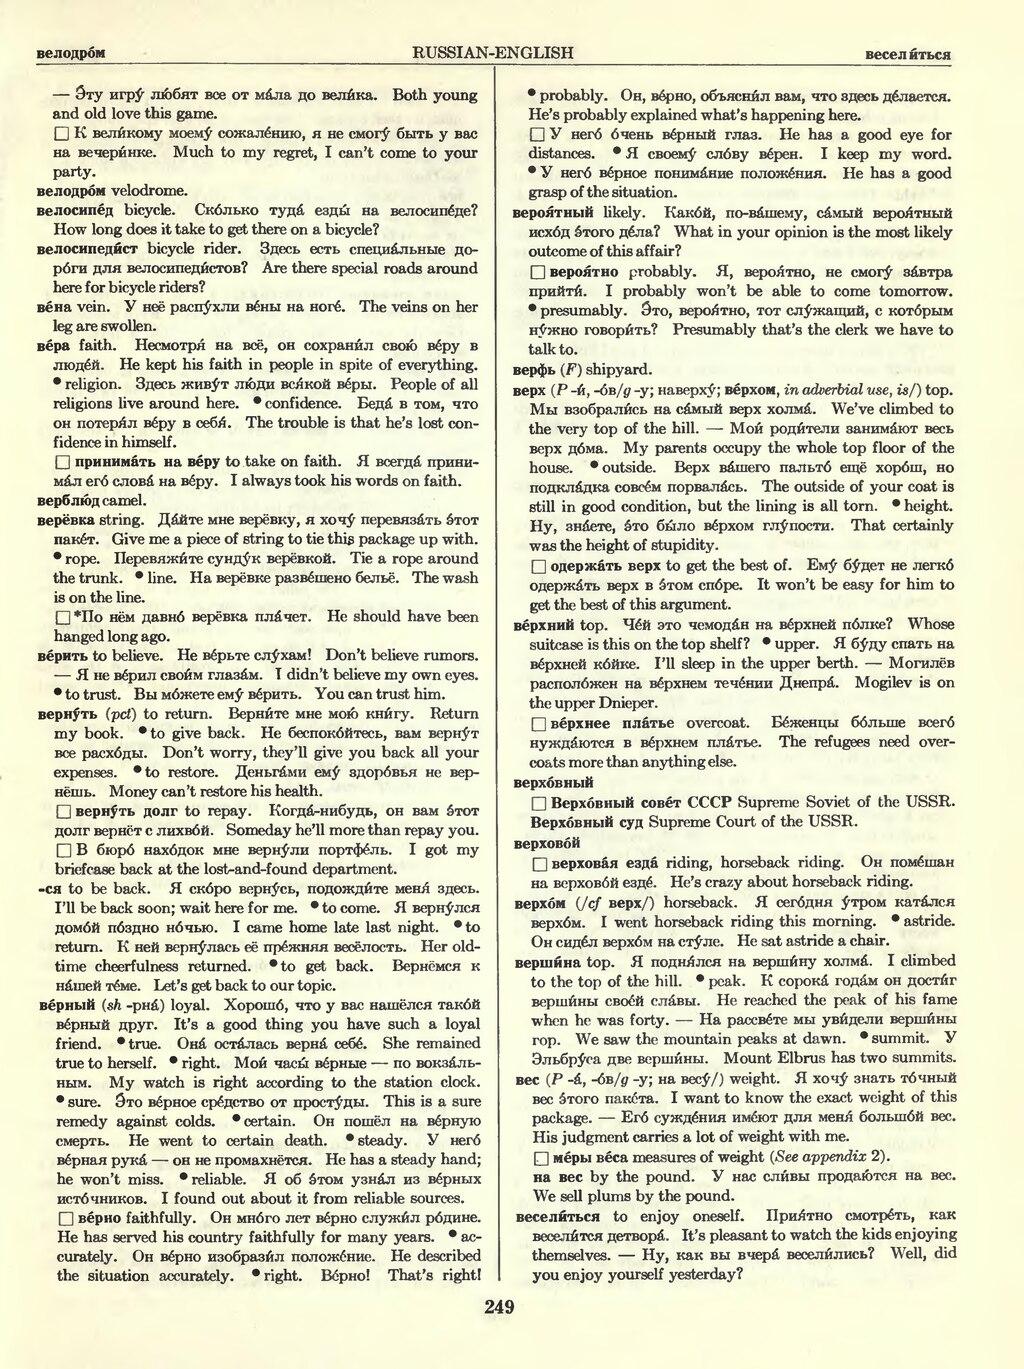 English Russian Love Dictionary Many 84